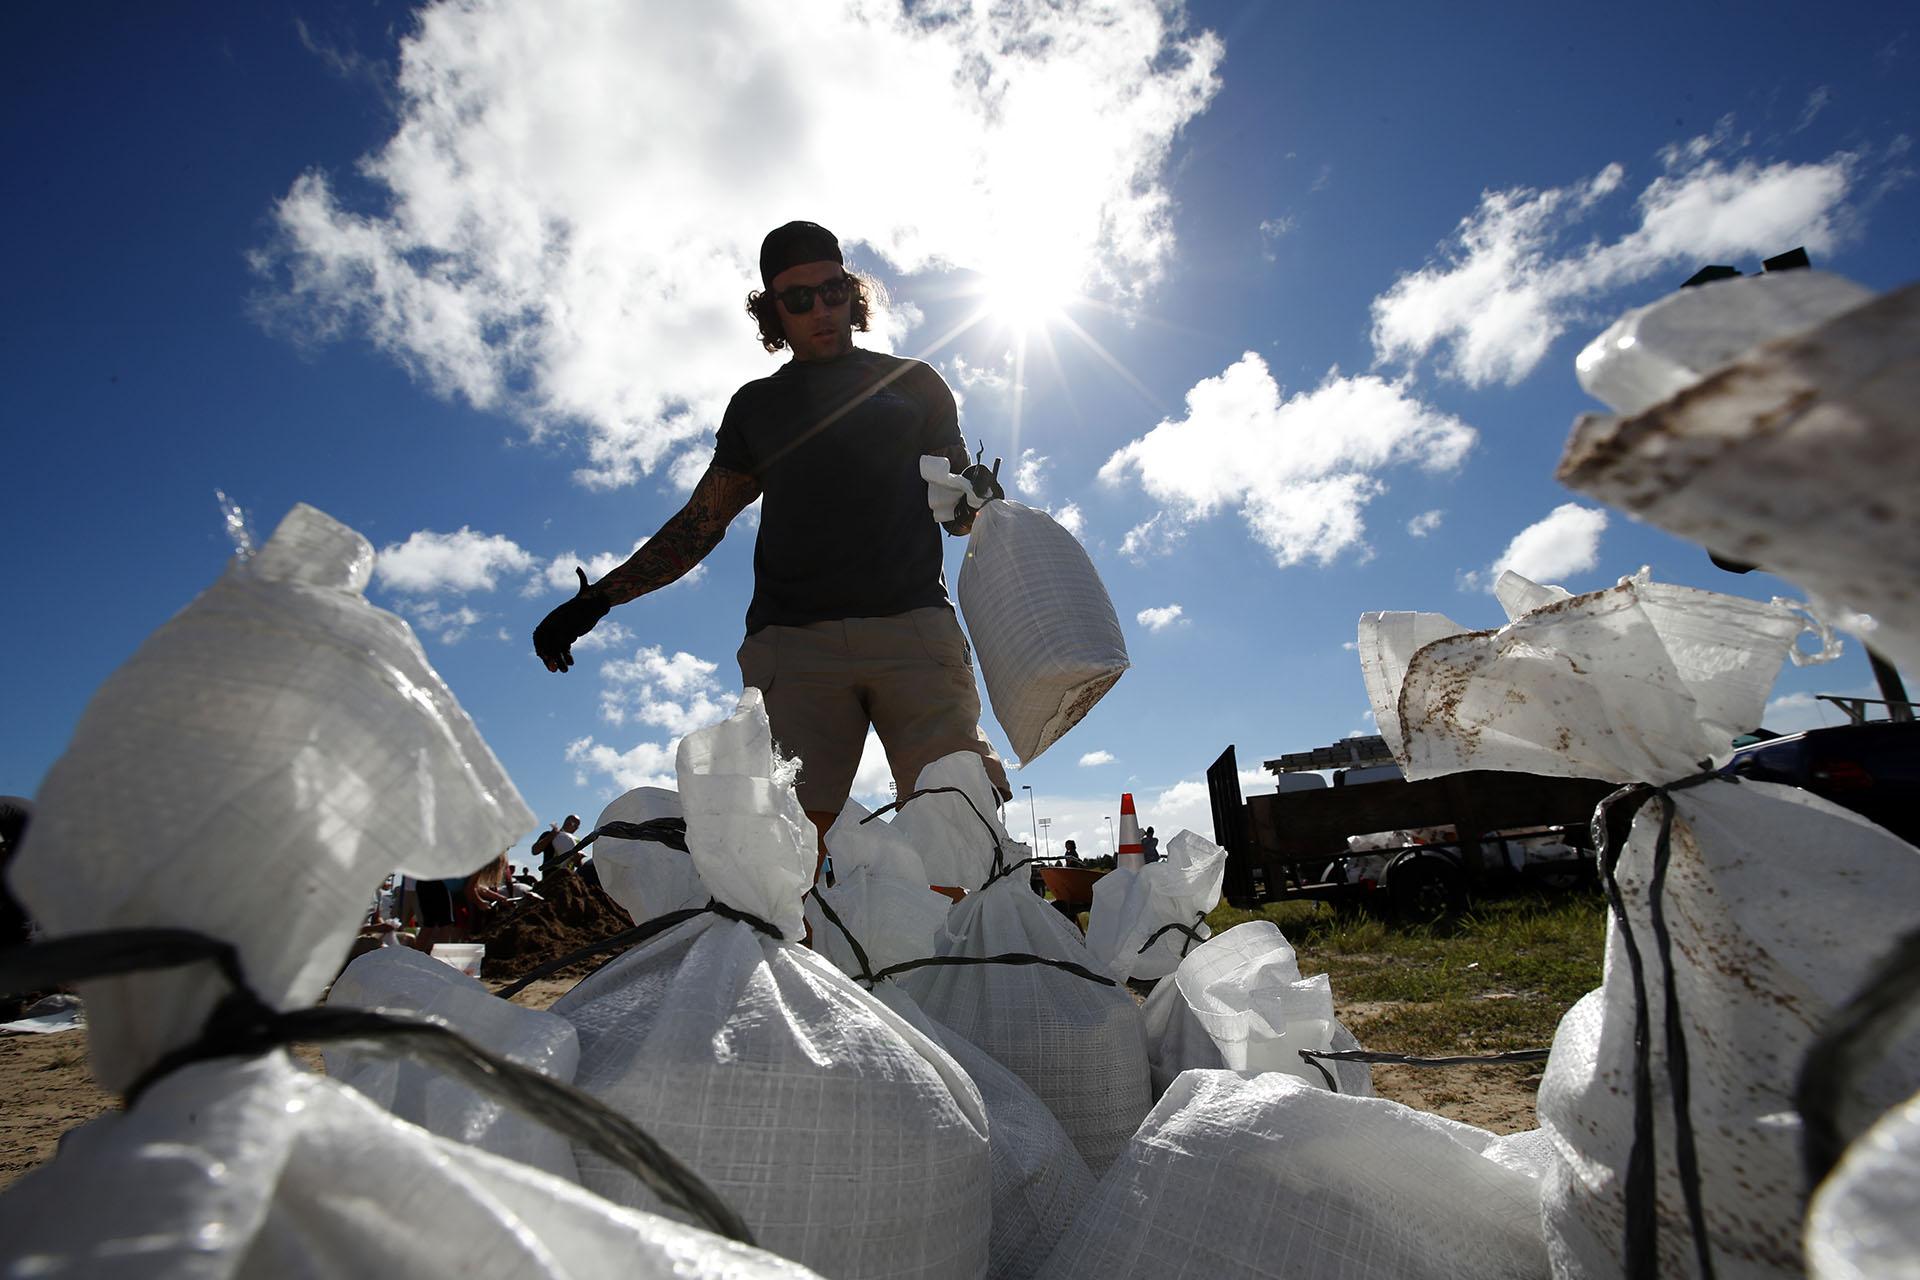 Un residente de Virginia Beach, Virginia,carga un saco de arena antes dellevarlo a su camioneta (AP Photo/Alex Brandon)